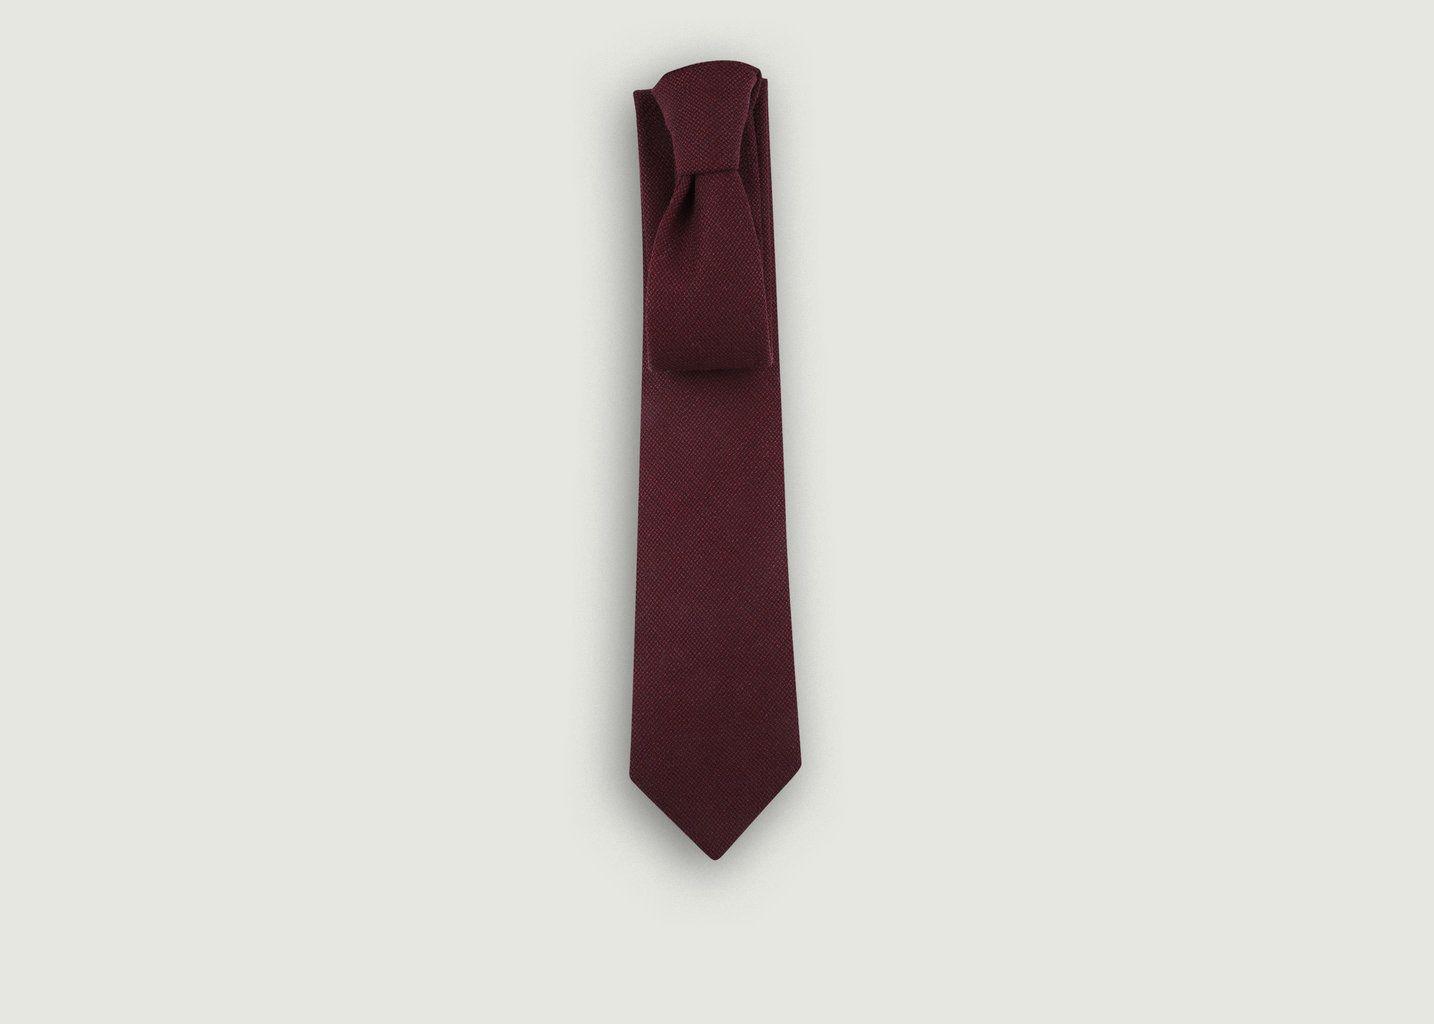 Cravate en Laine Anglaise et Soie - Cinabre